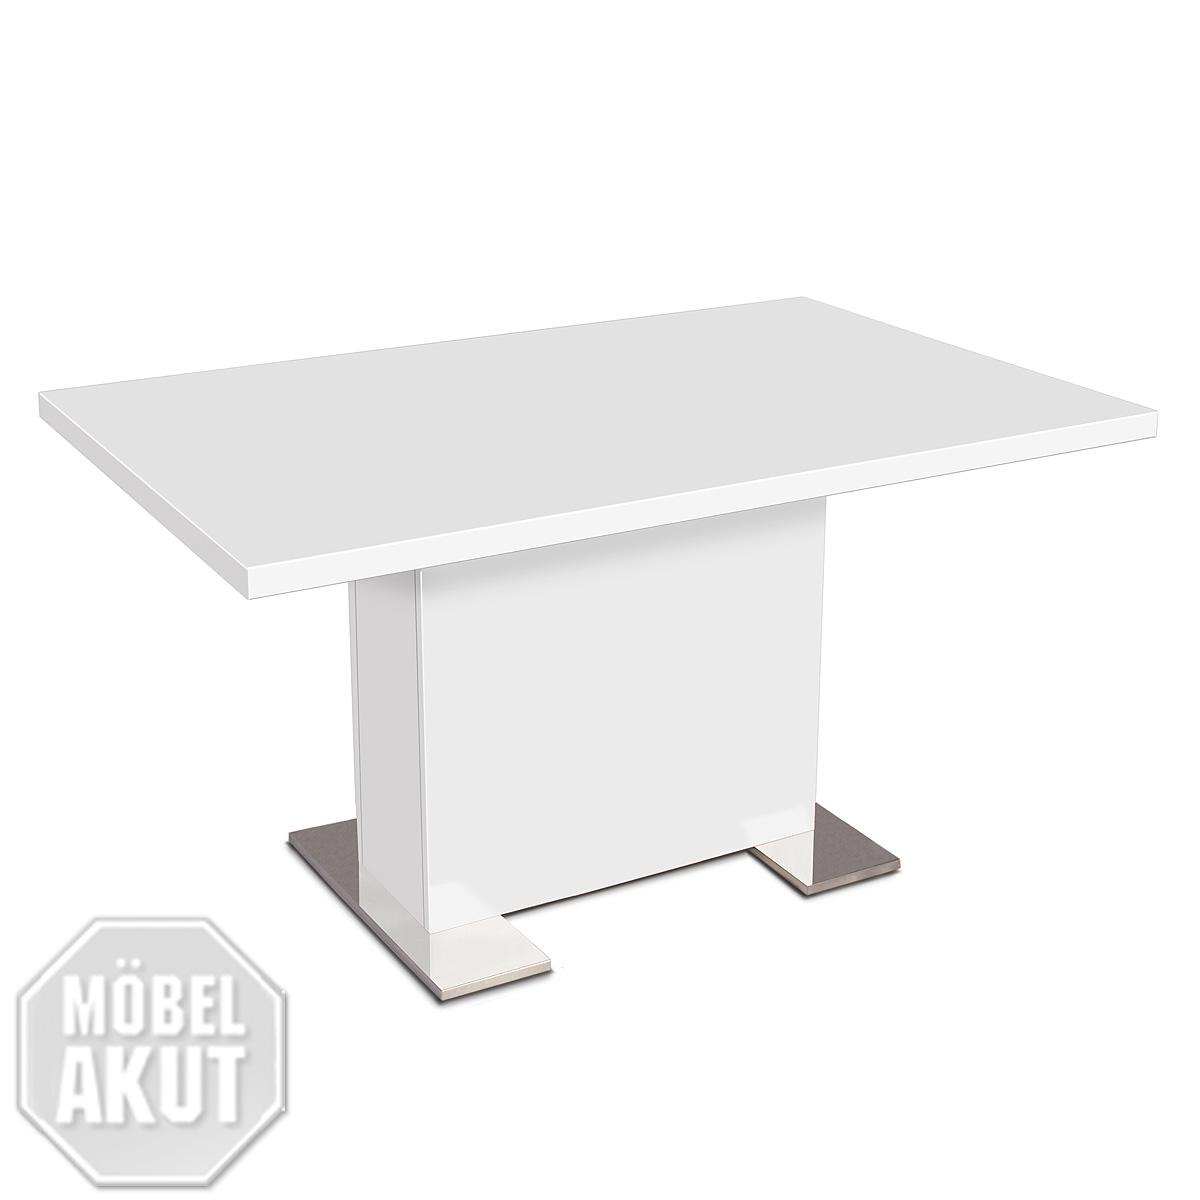 esstisch bonn tisch 140x90 farbwahl wei eiche kernnuss ebay. Black Bedroom Furniture Sets. Home Design Ideas